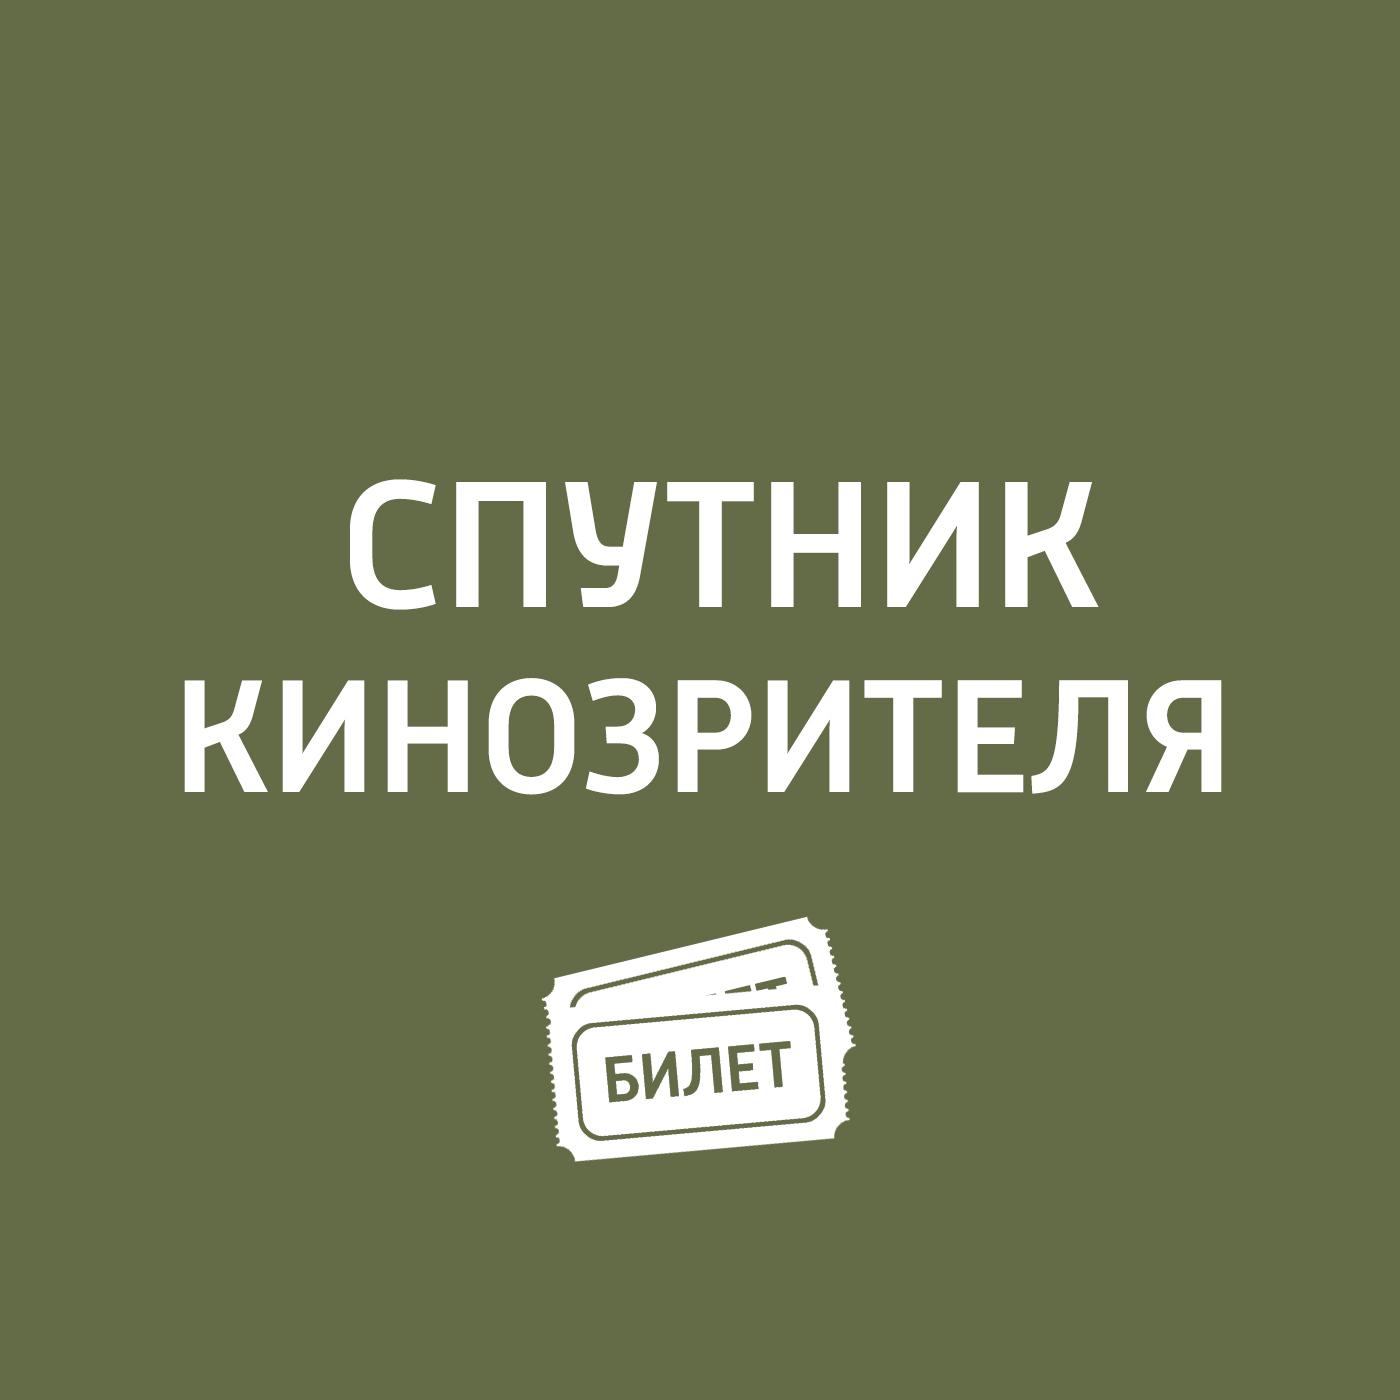 Антон Долин Трудно быть богом, «Нимфоманка-2, «Дубровский н дубровский масляница